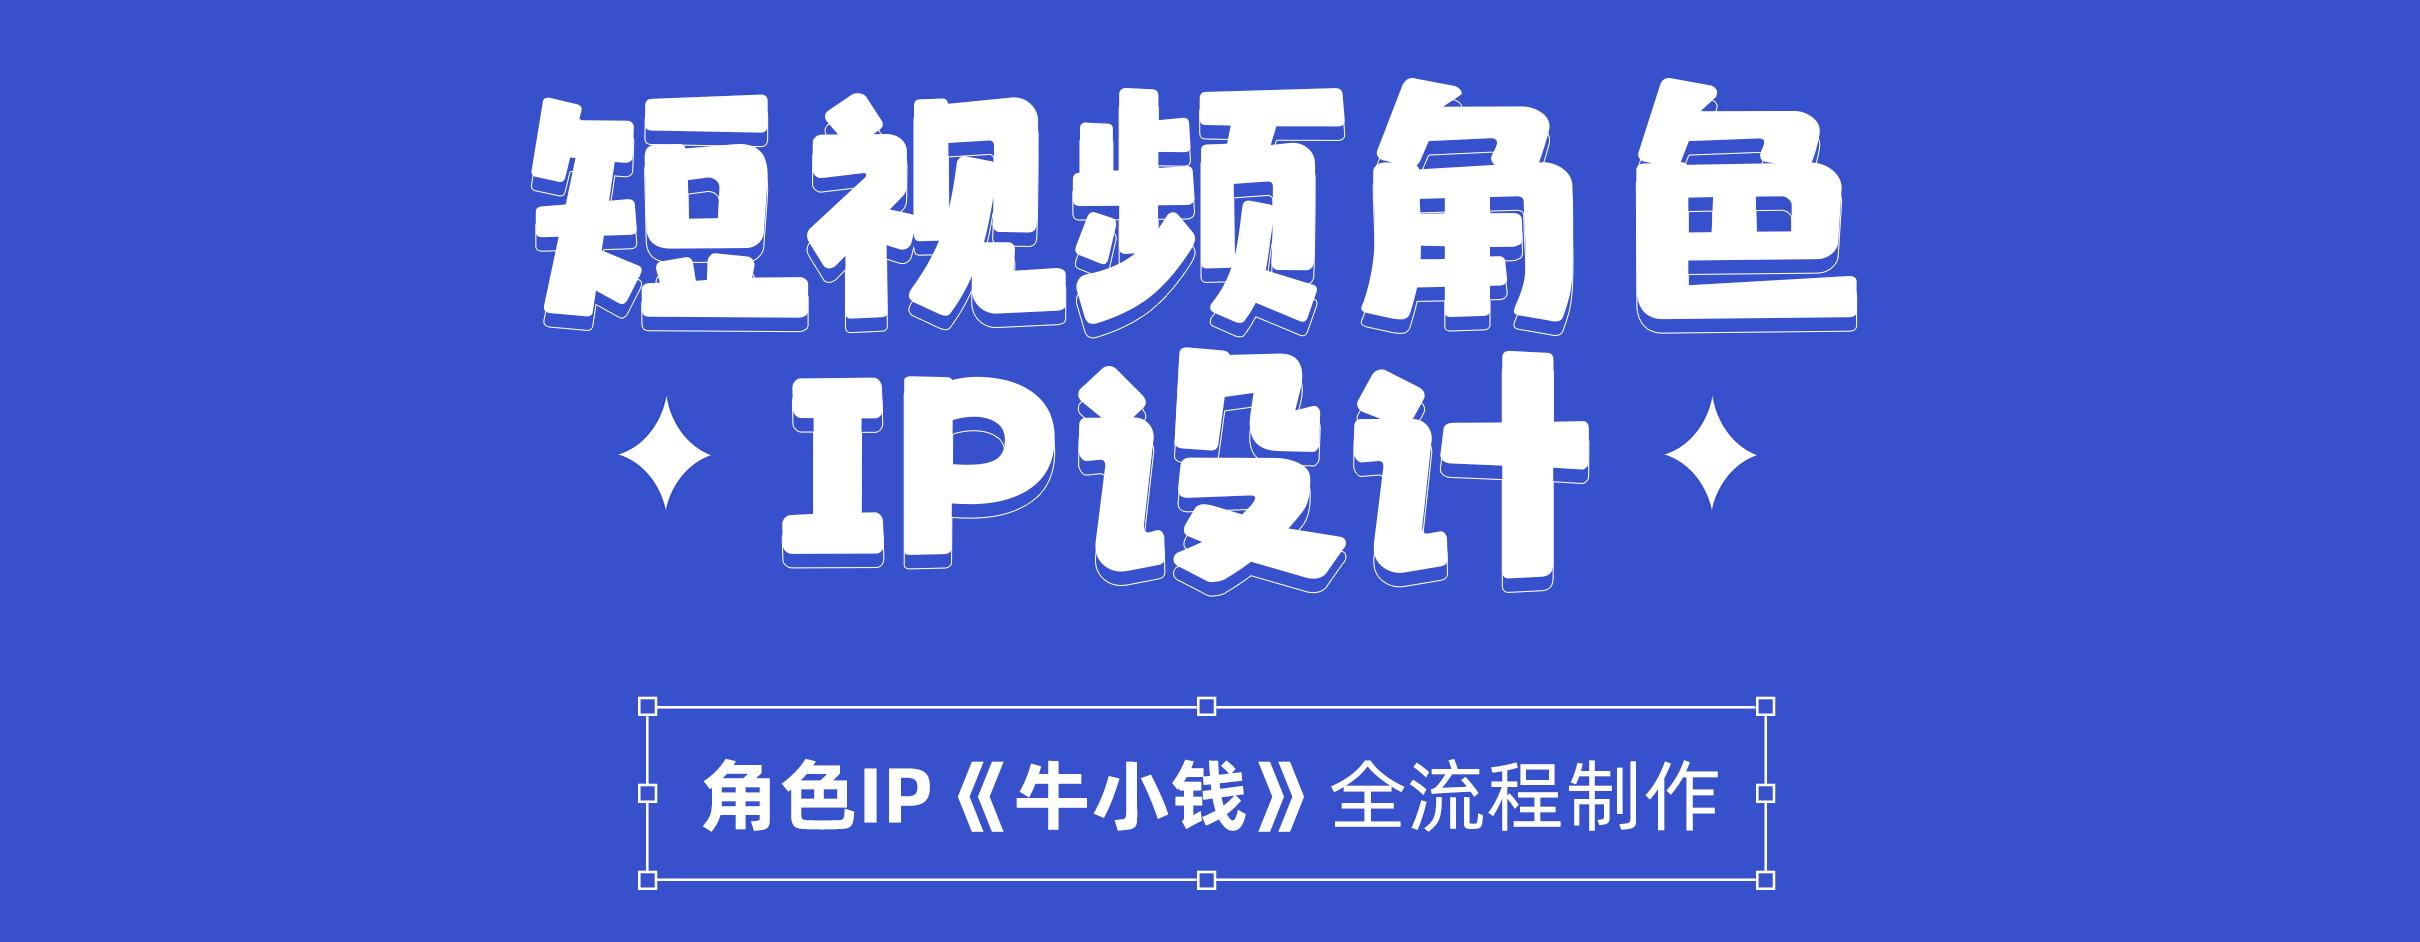 ip1_03.png